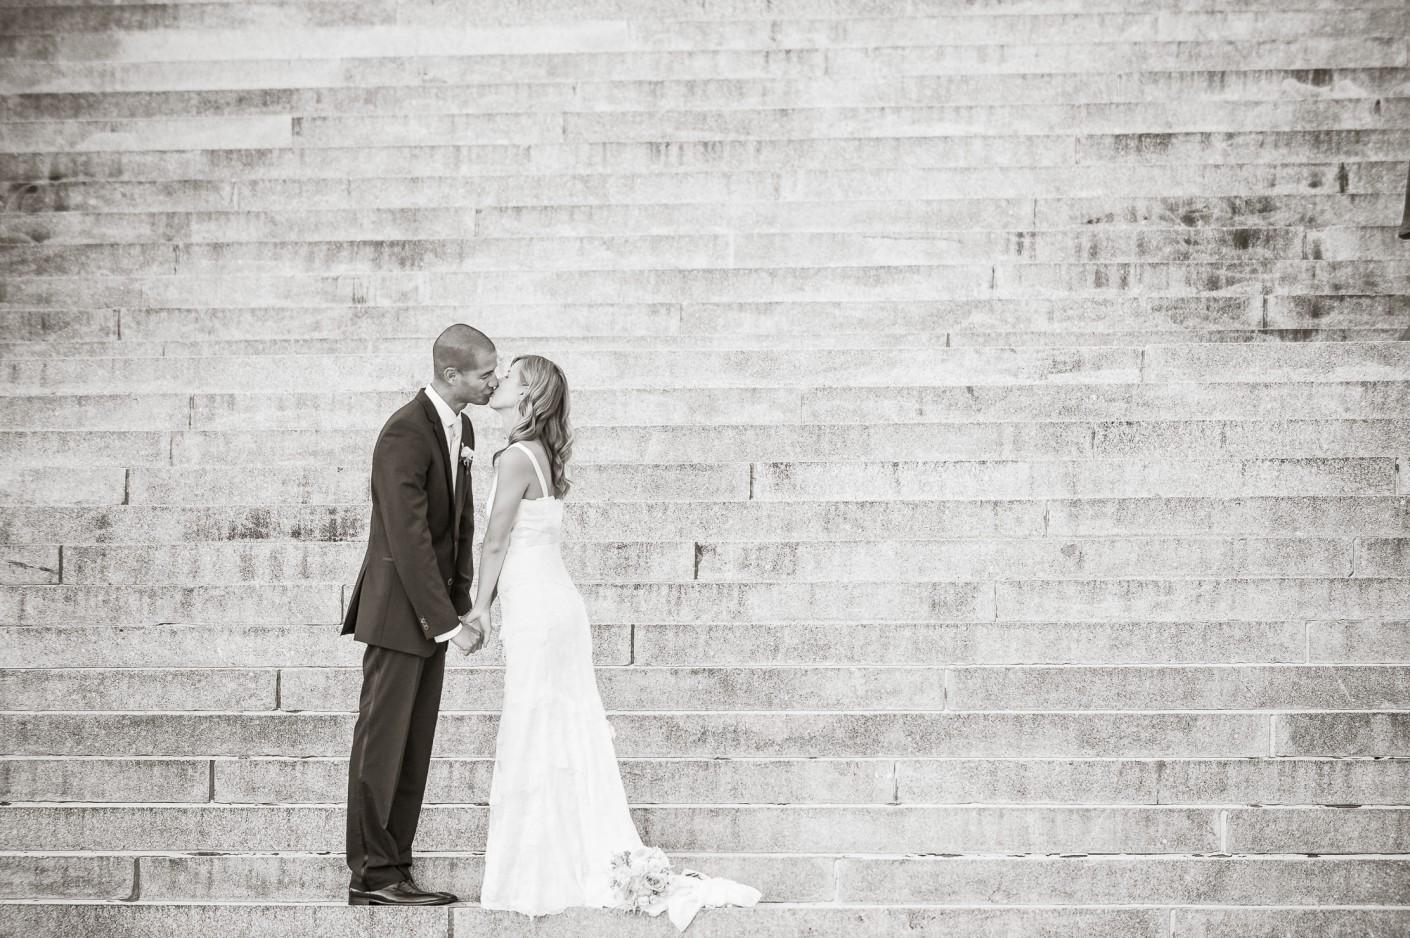 Mariage : Sur la marche de notre montée -, KW: 6-PhotosCouple